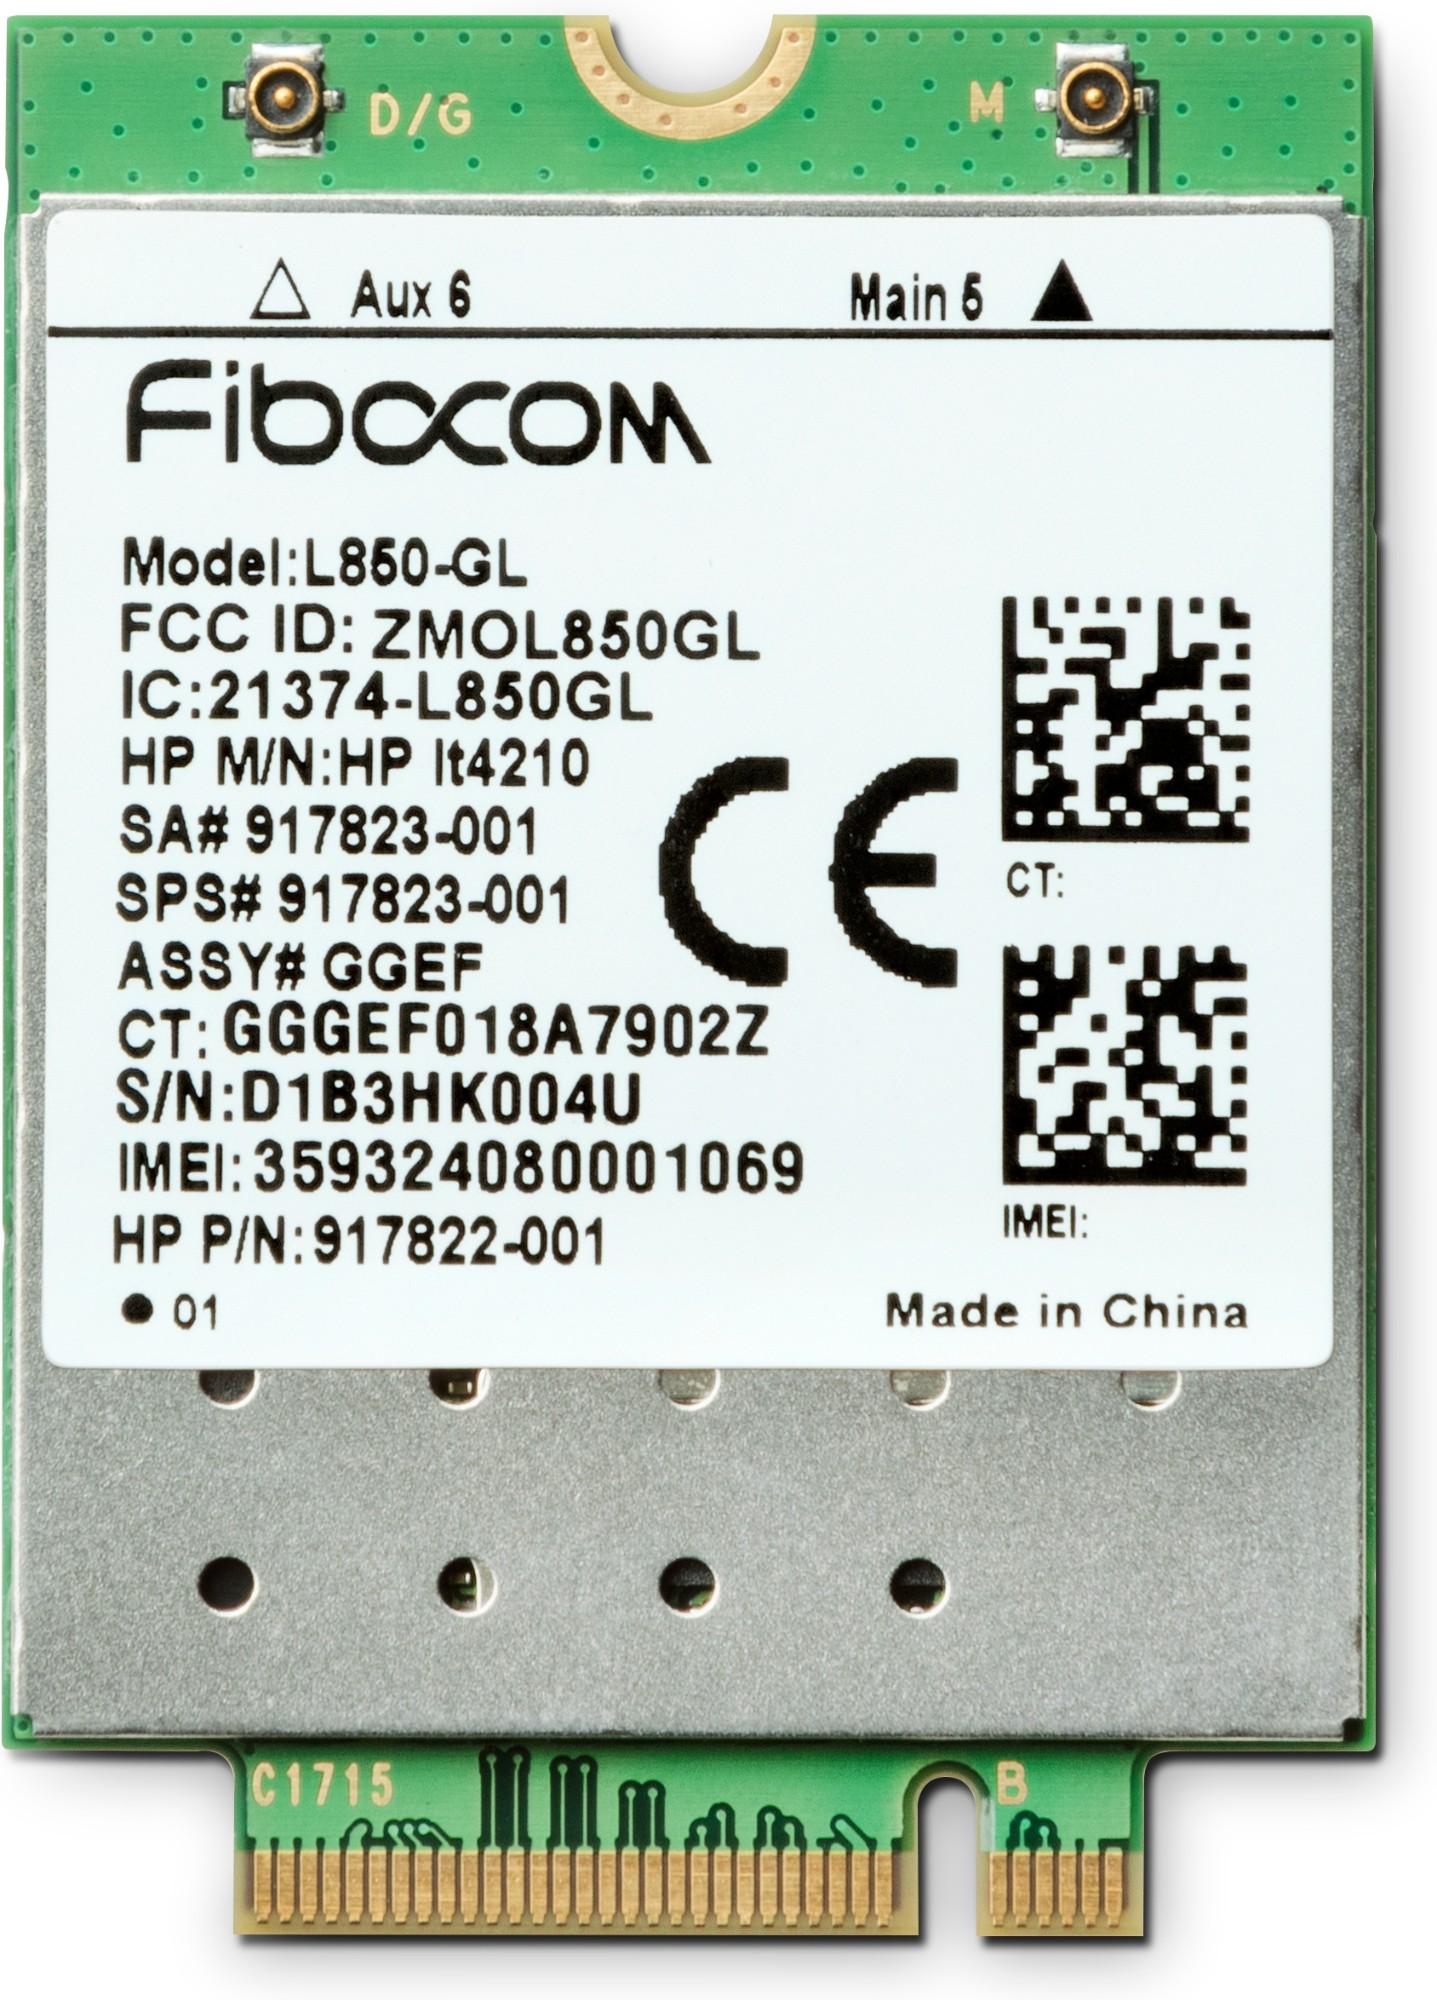 HP XMM 7360 LTE-Advance WWAN cellular wireless network equipment